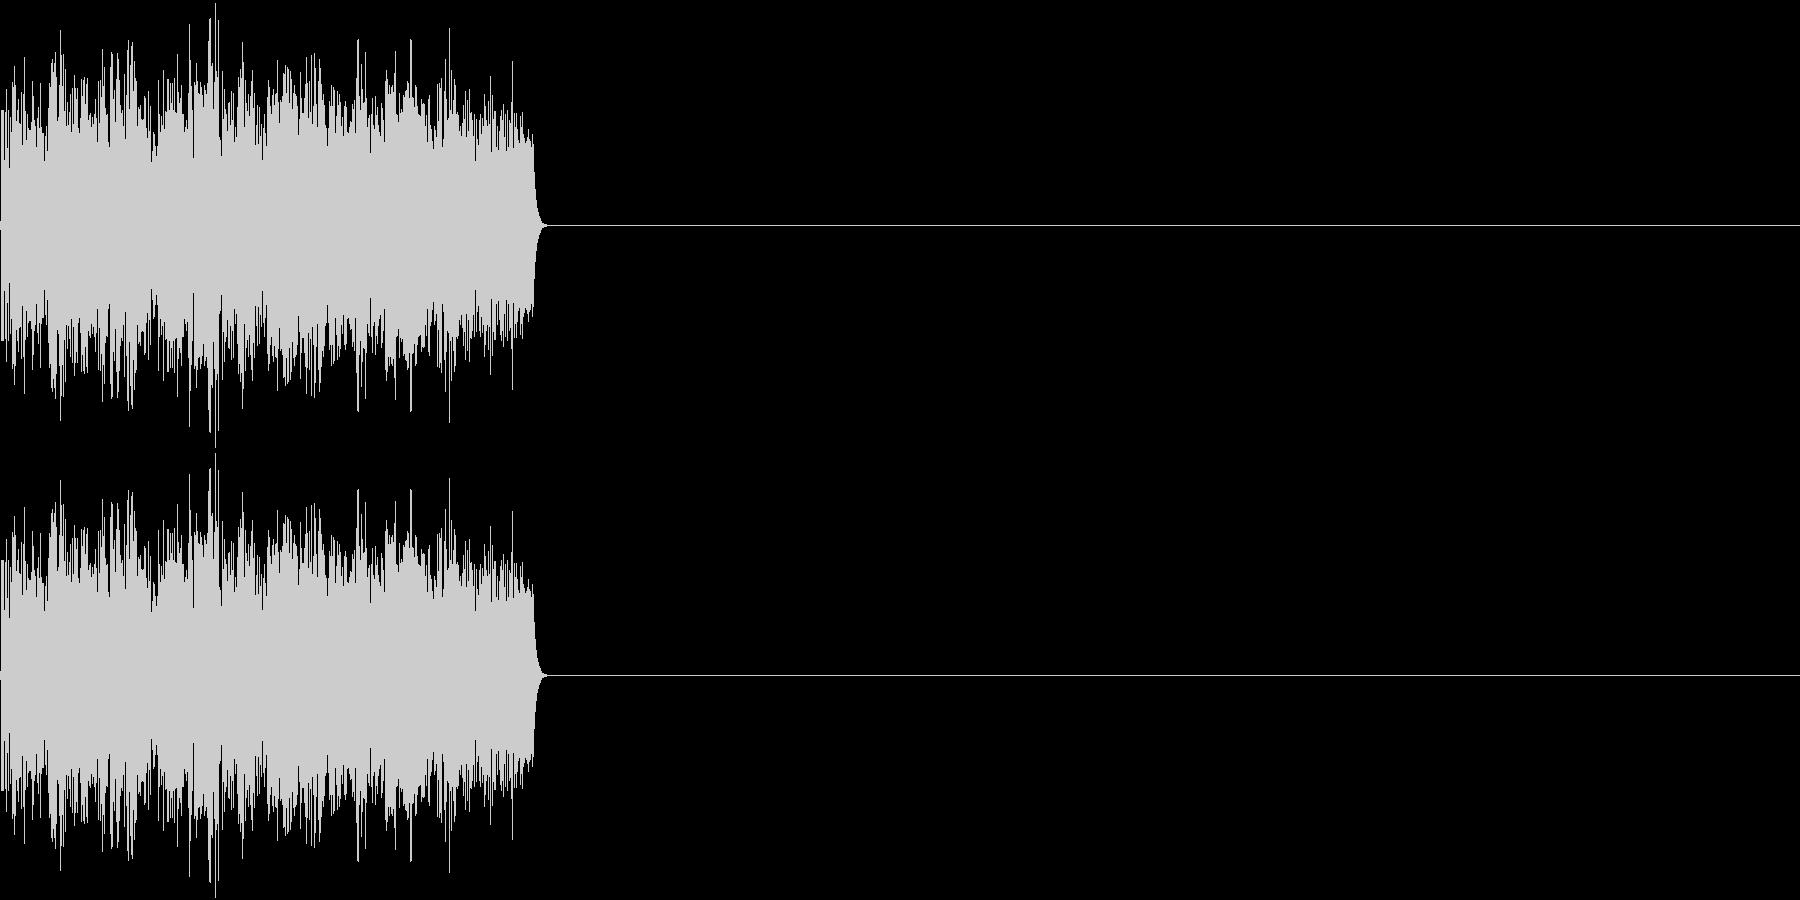 8ビット ファミコン アップ ゲージの未再生の波形